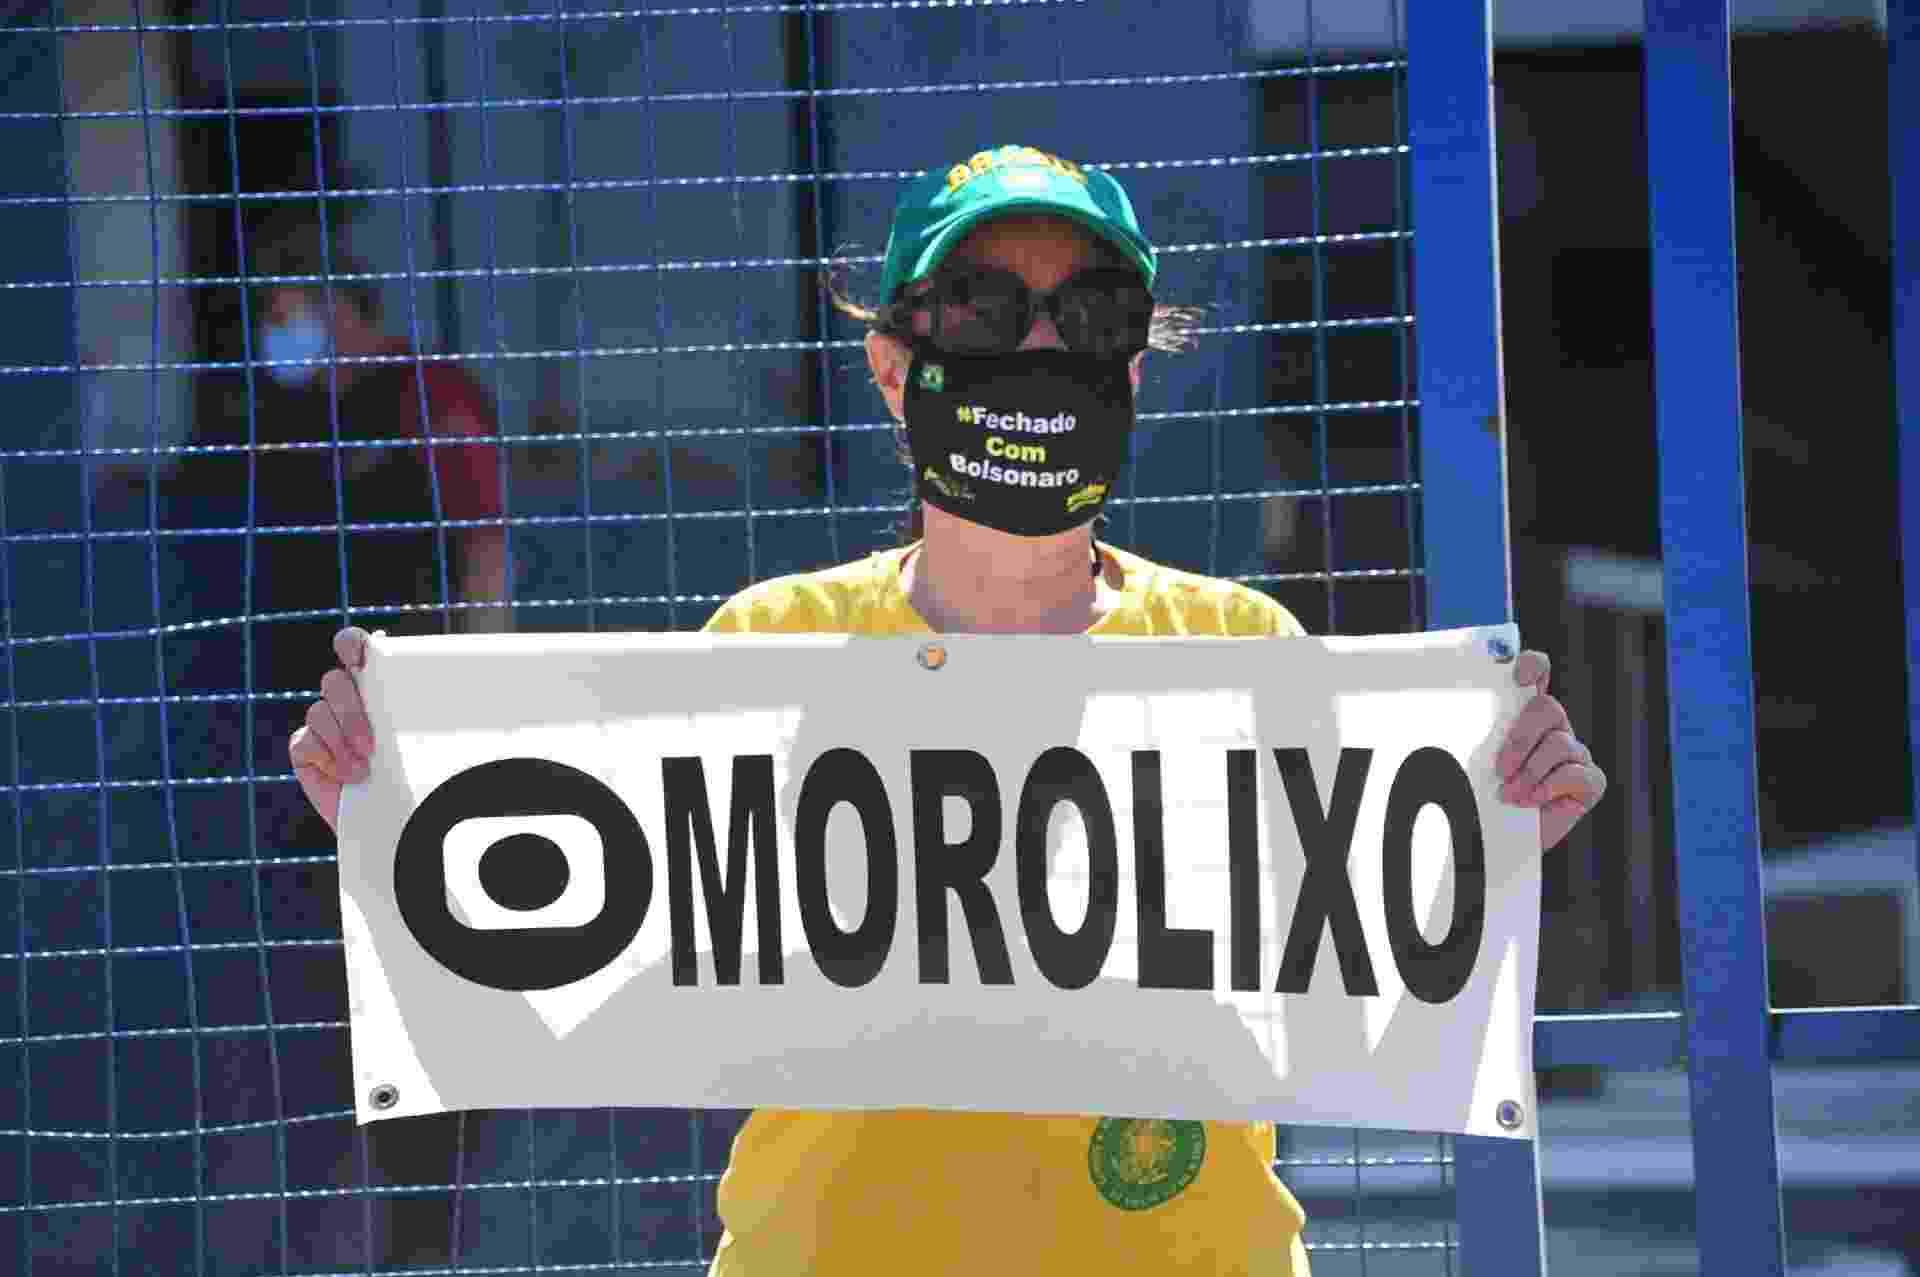 Apoiadores de Sérgio Moro e Jair Bolsonaro protestam durante depoimento do ex-ministro na PF de Curitiba - Eduardo Matysiak/Futura Press/Estadão Conteúdo